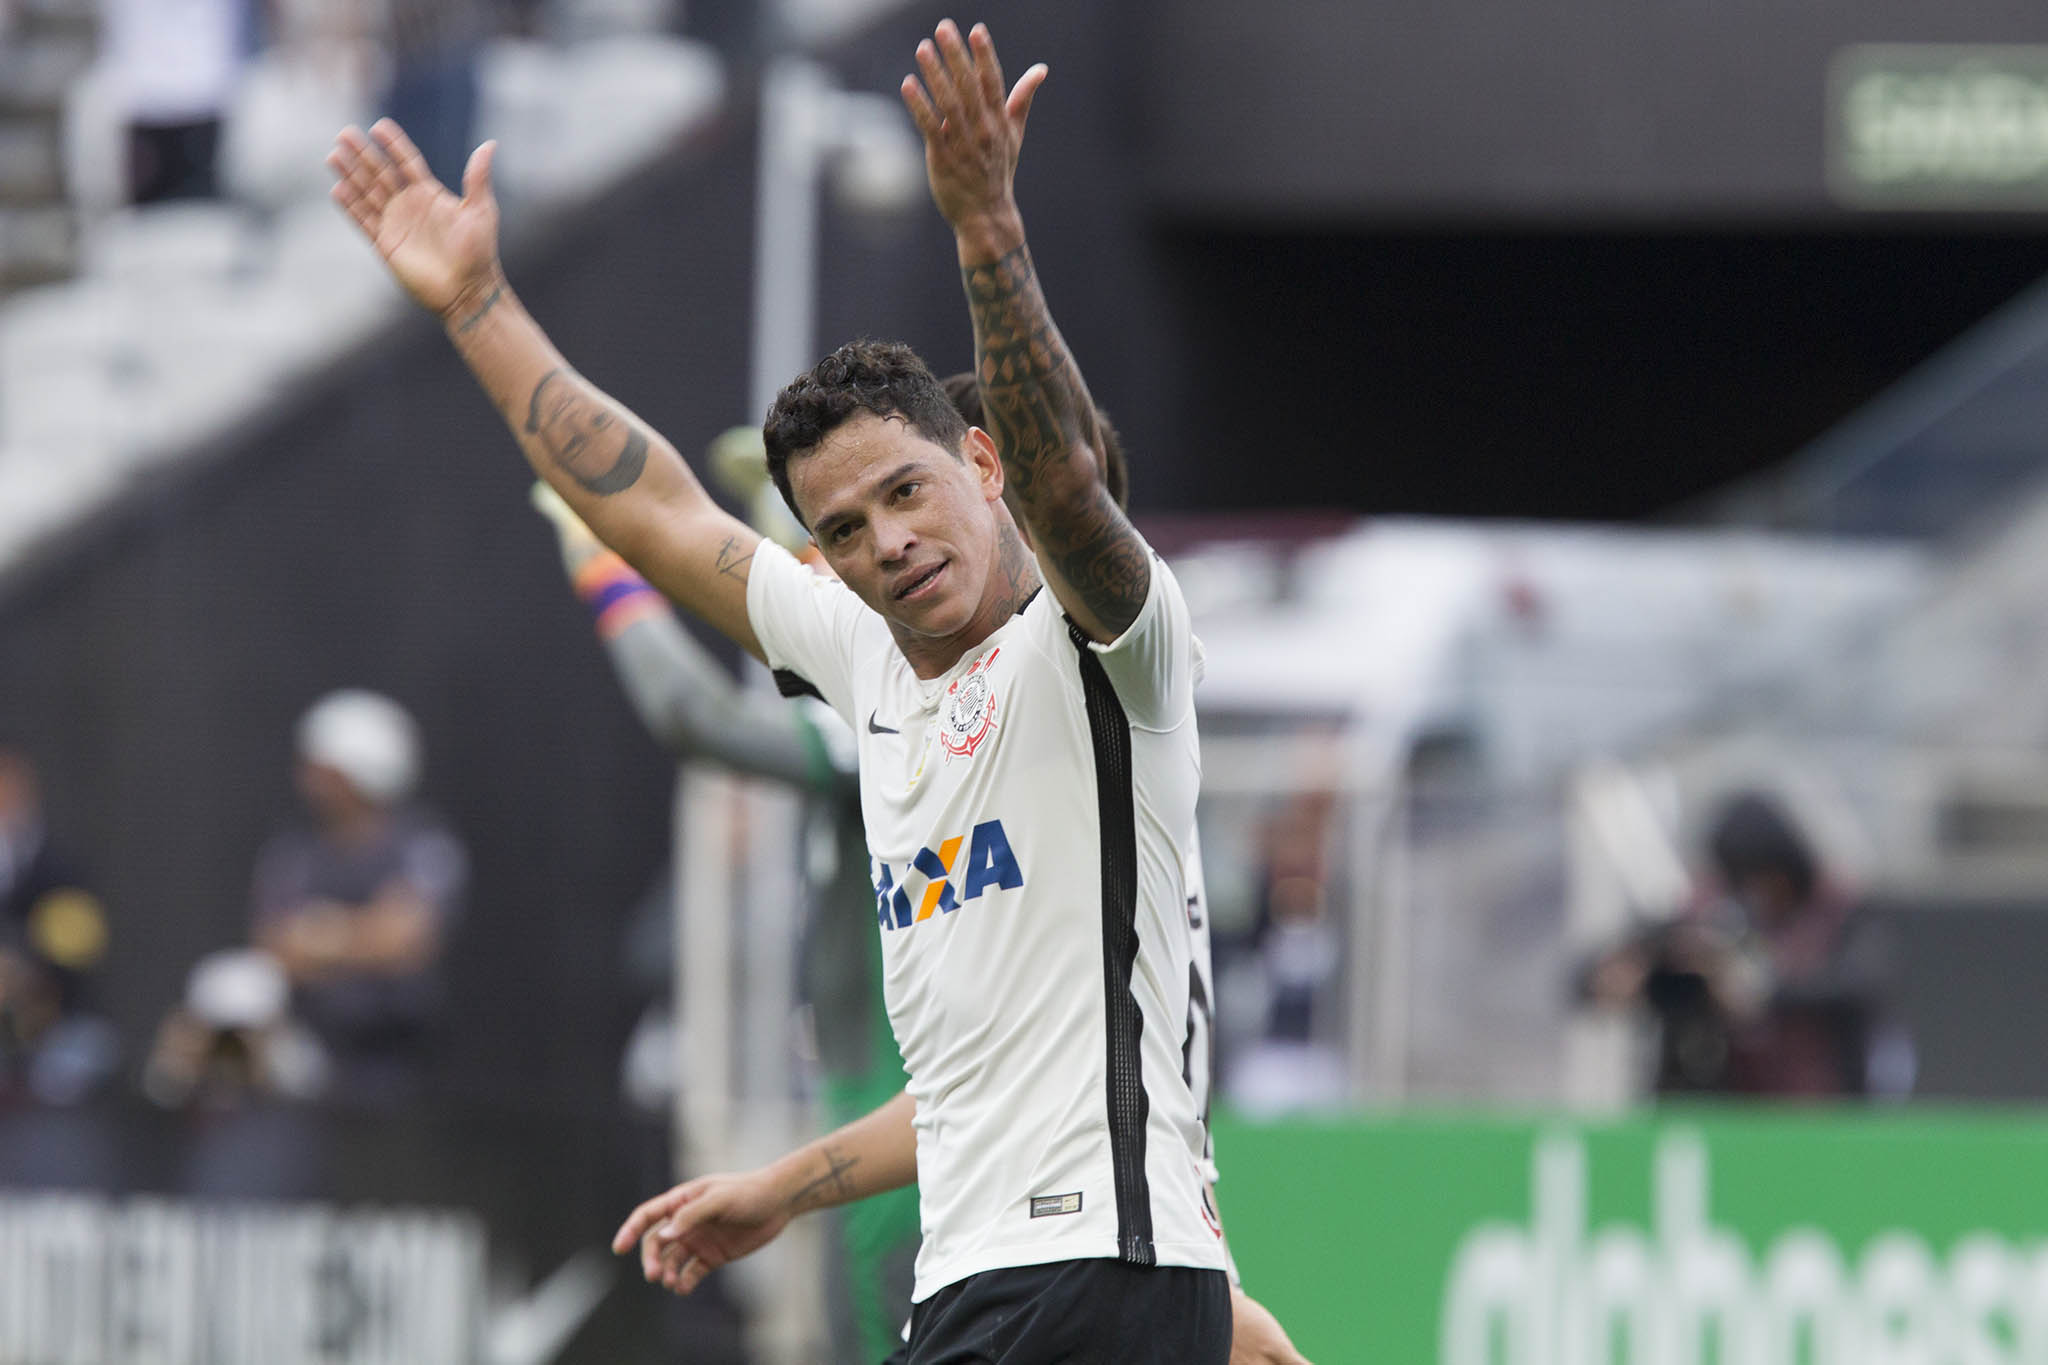 Com seis pontos nas últimas duas rodadas, o Corinthians aumentou a vantagem ara o segundo colocado. Foto: Daniel Augusto Jr./Ag. Corinthians